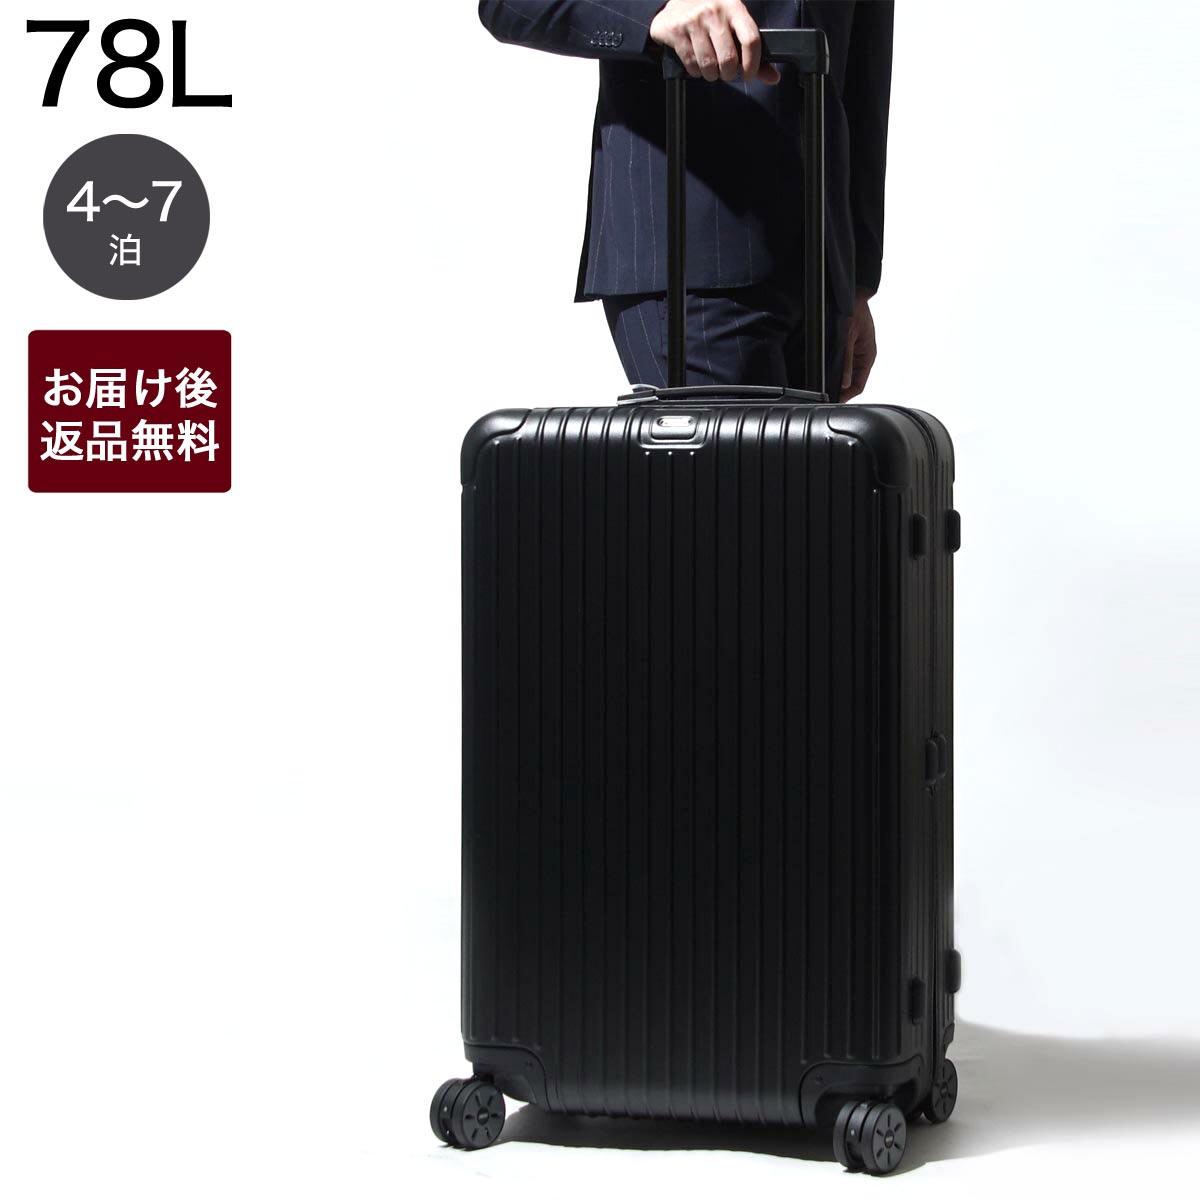 リモワ RIMOWA スーツケース キャリーケース ブラック メンズ レディース 旅行 大容量 トラベル 810.70.32.4 SALSA 70 MULTIWHEEL 78L サルサ【あす楽対応_関東】【返品送料無料】【180214】